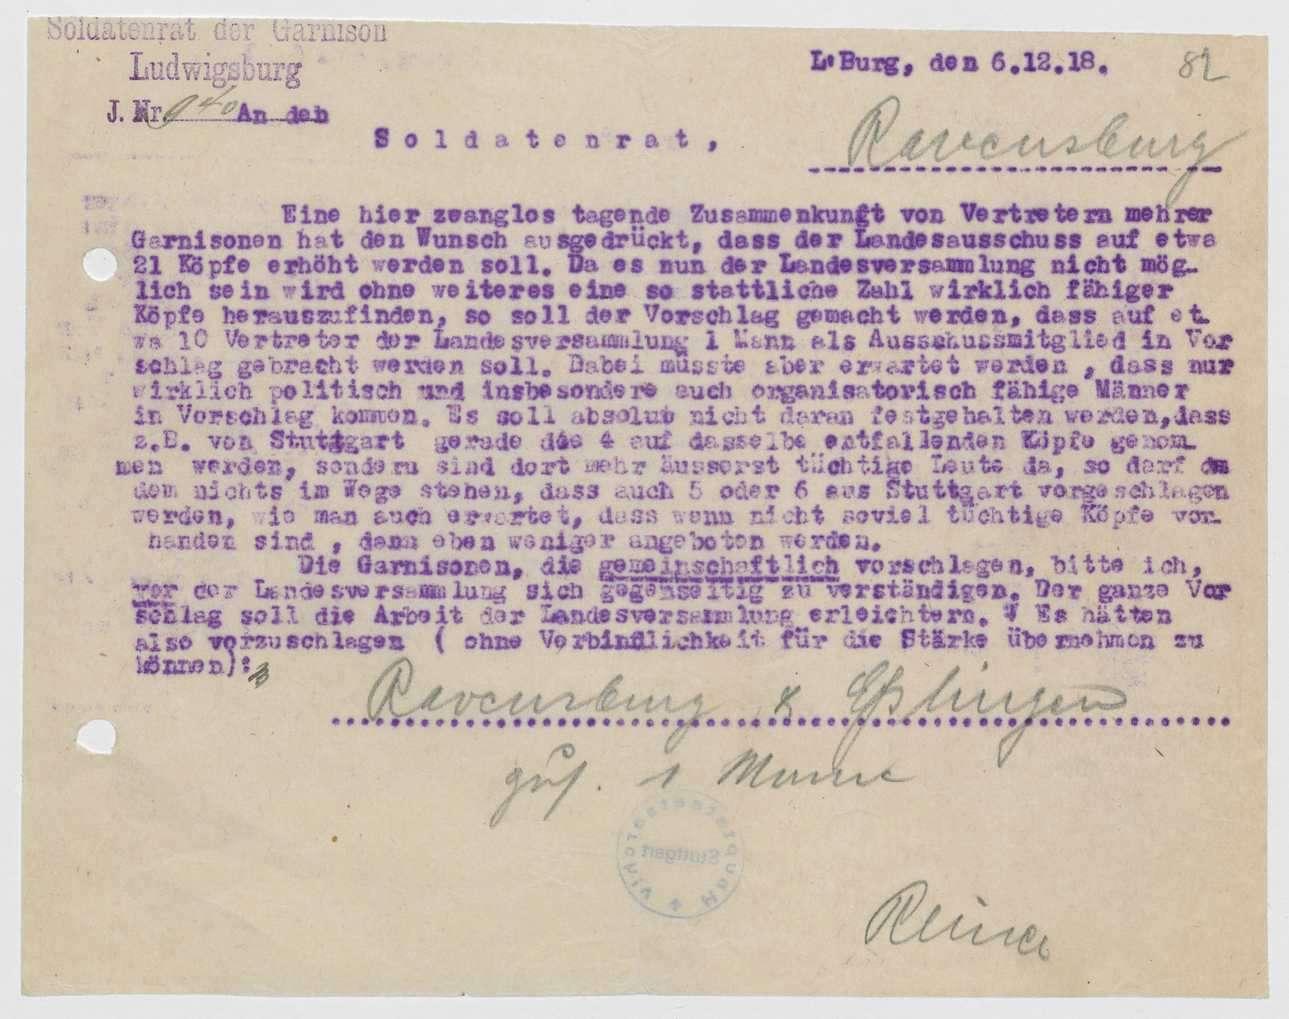 Zusammensetzung und Geschäftsverteilung des Landesausschusses, Vorschlag mehrerer Garnisonen zur Erweiterung des Landesausschusses, Bild 2